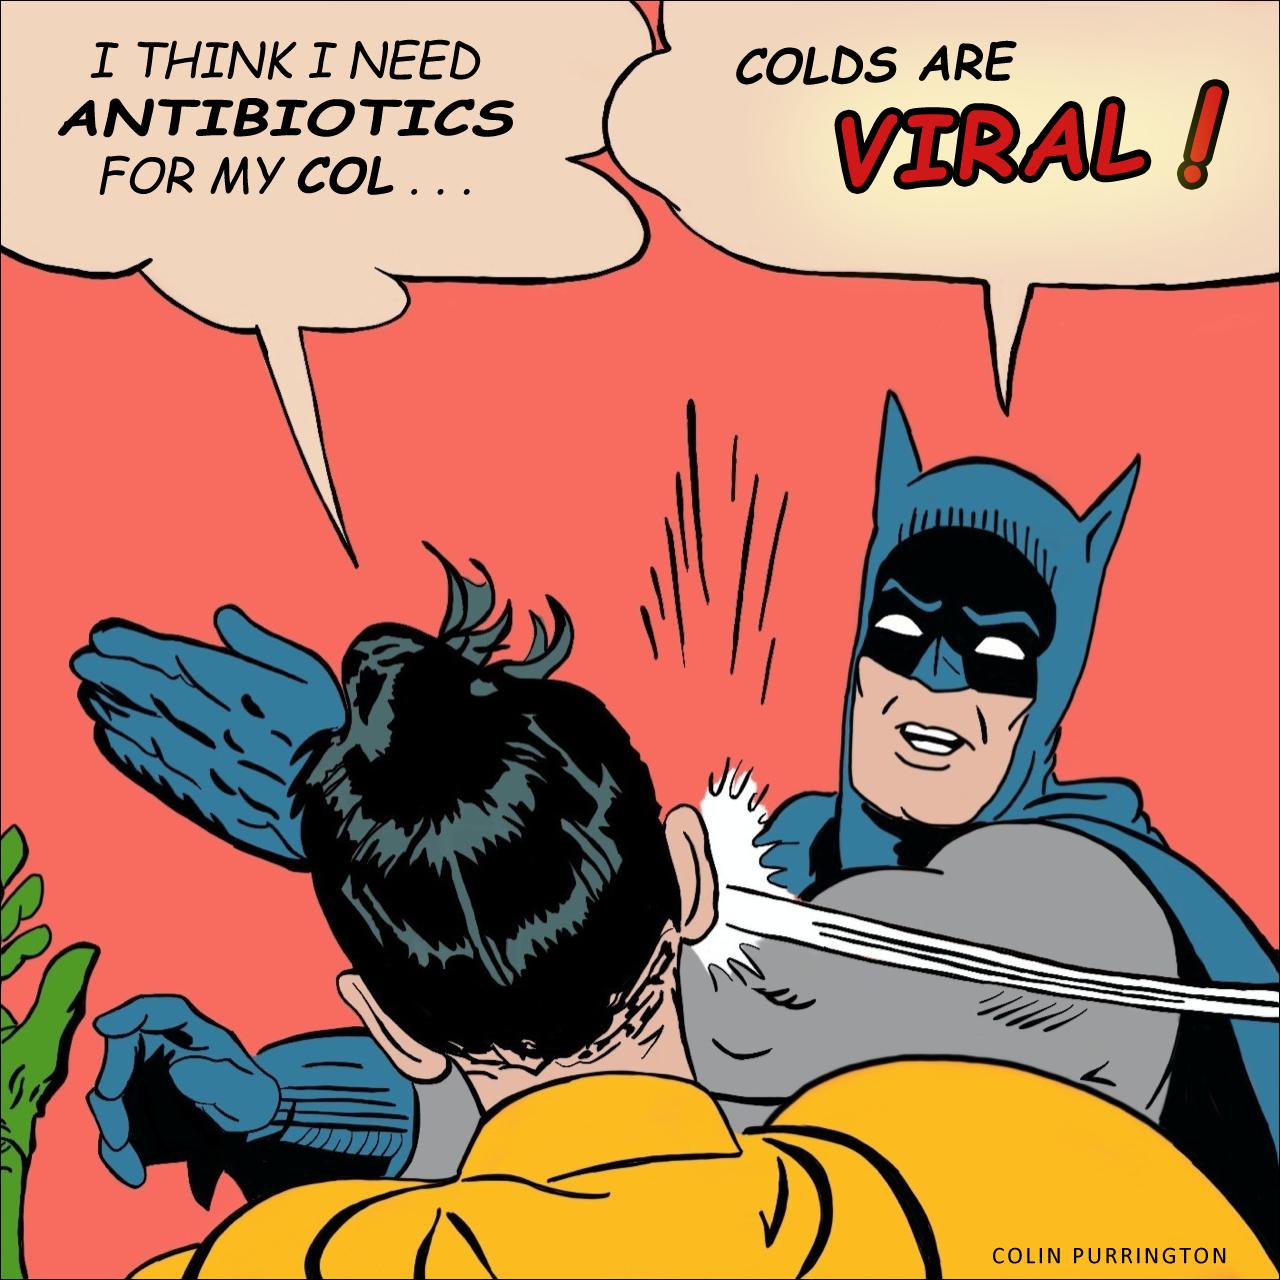 Антибиотике не помогут во время простуды или гриппа. Фото: http://colinpurrington.com/